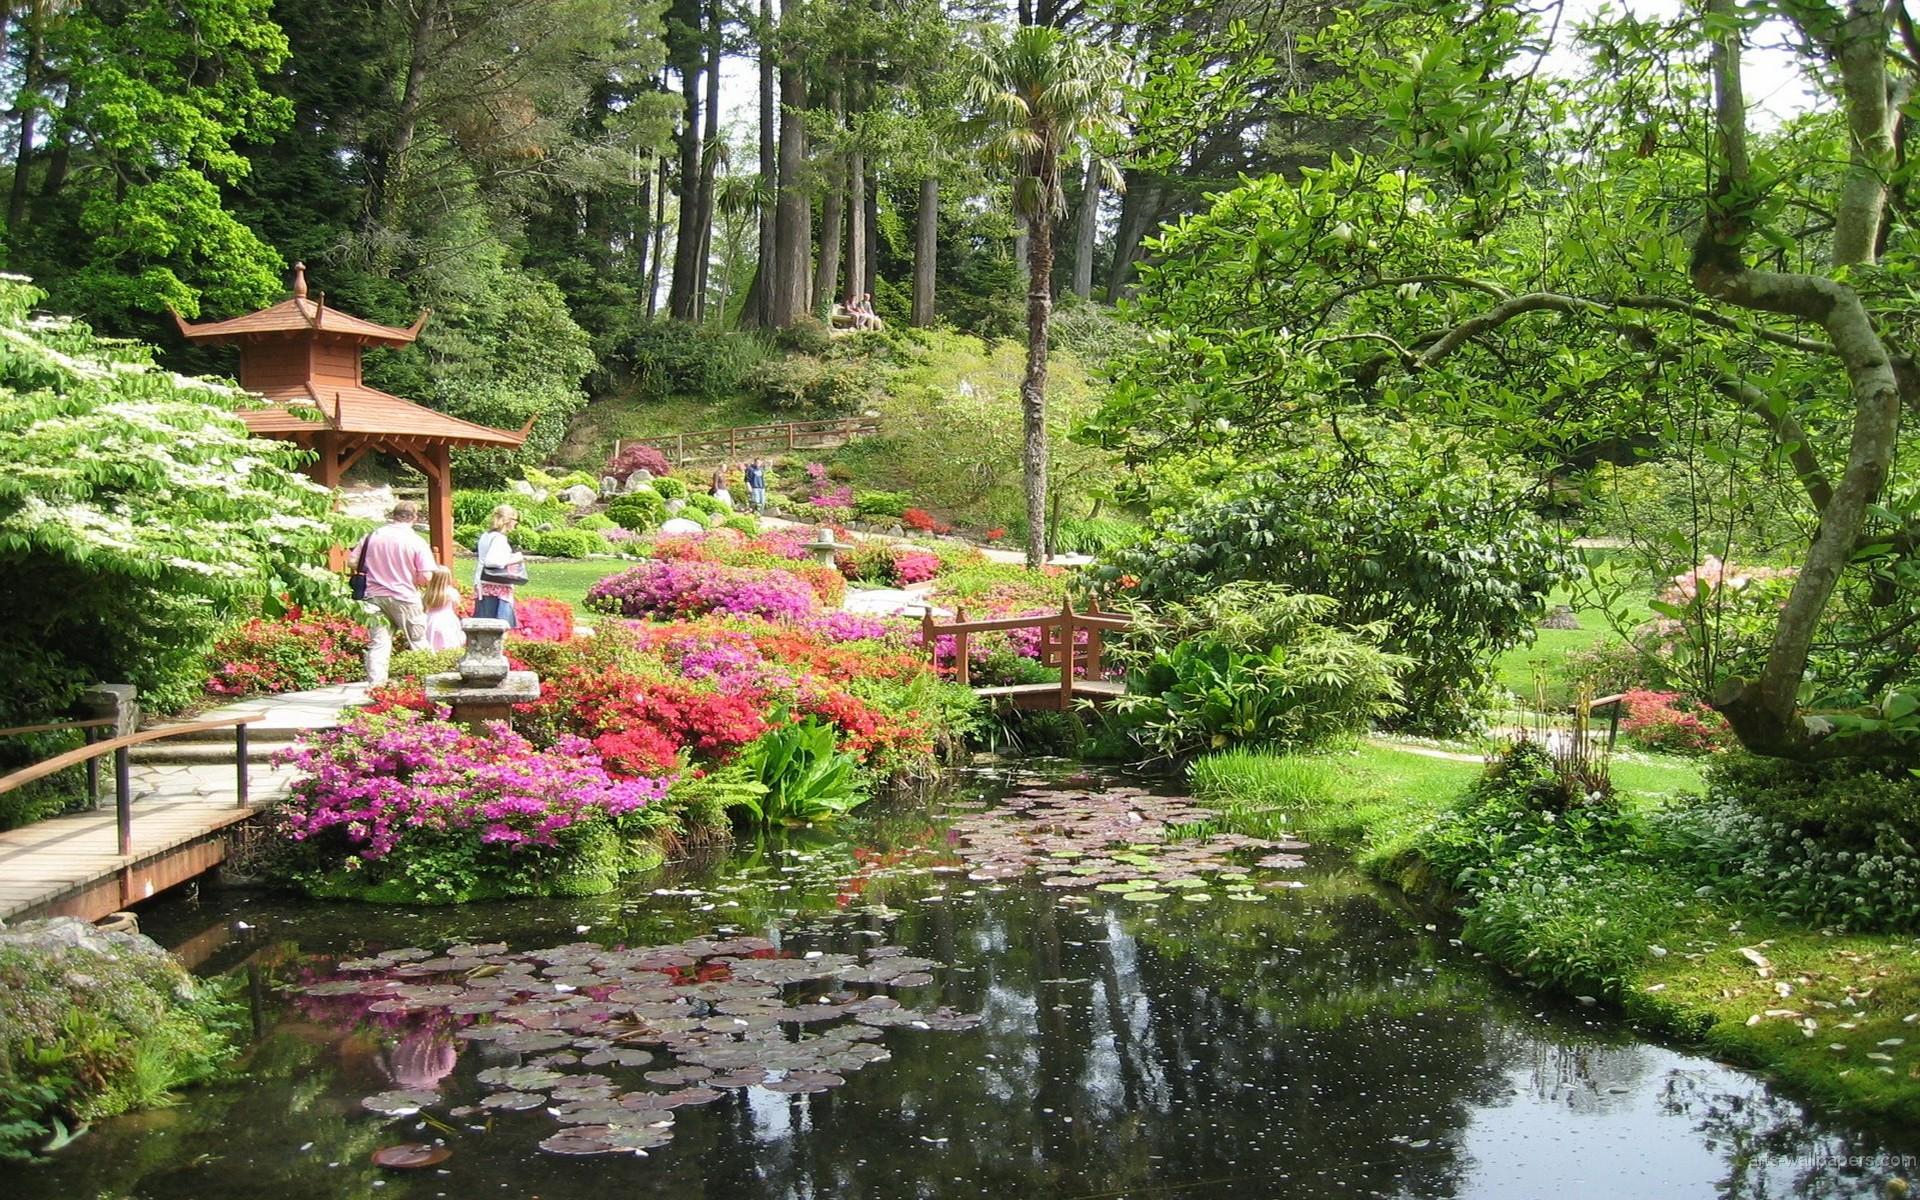 Res: 1920x1200, Japanese Garden Landscape Pictures Photograph 27217 Japane